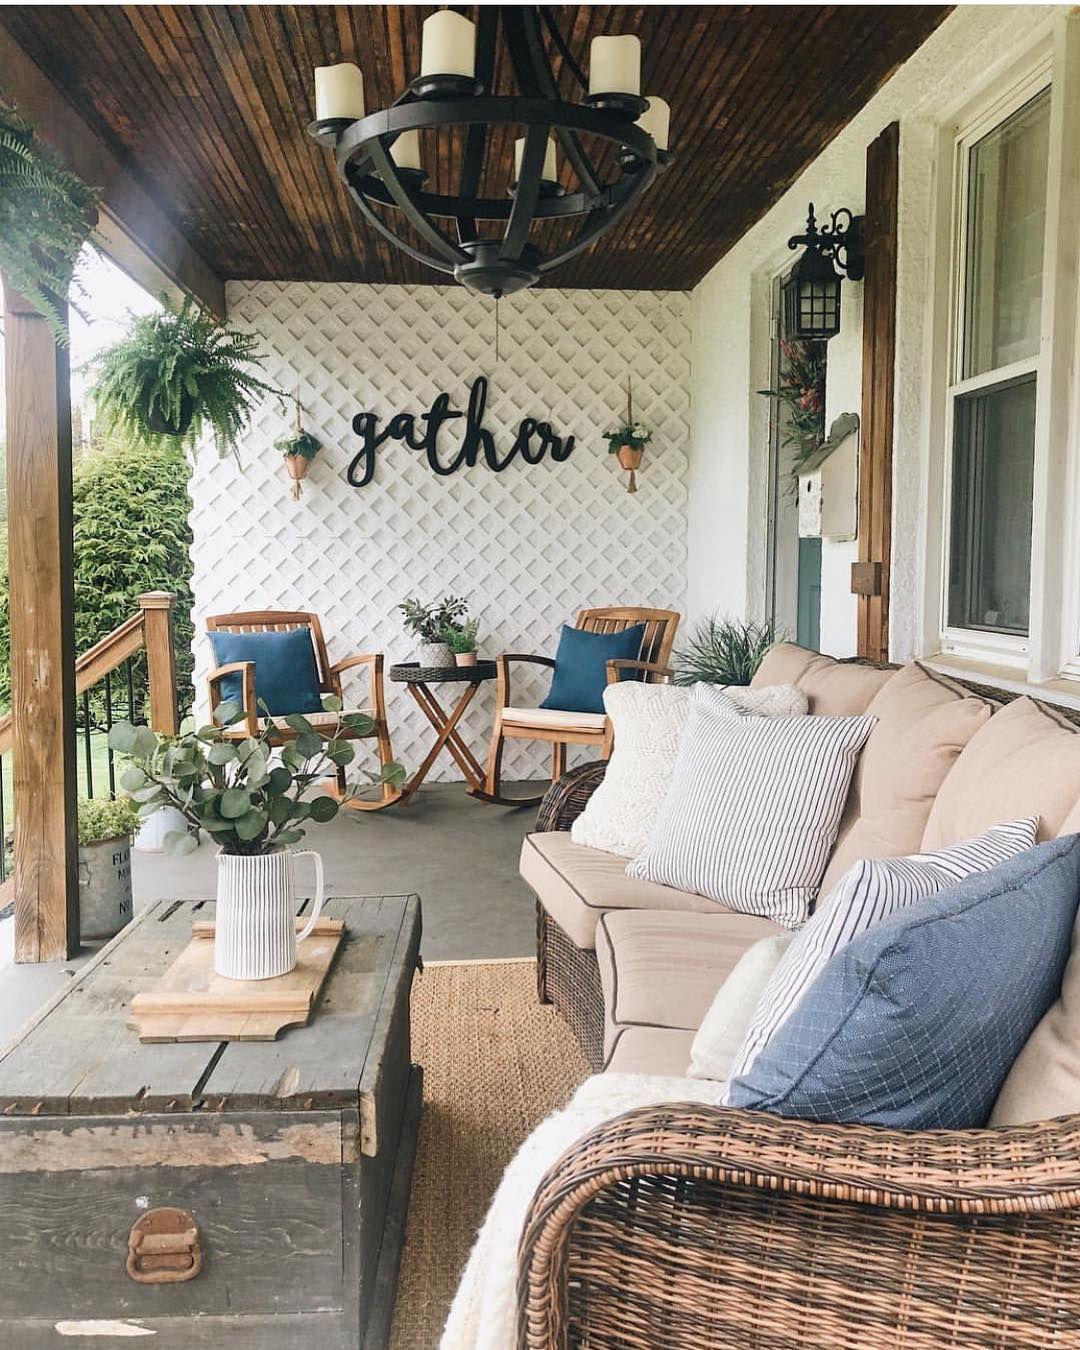 Modern Farmhouse Decor Diy On Instagram Happy Saturday Friends